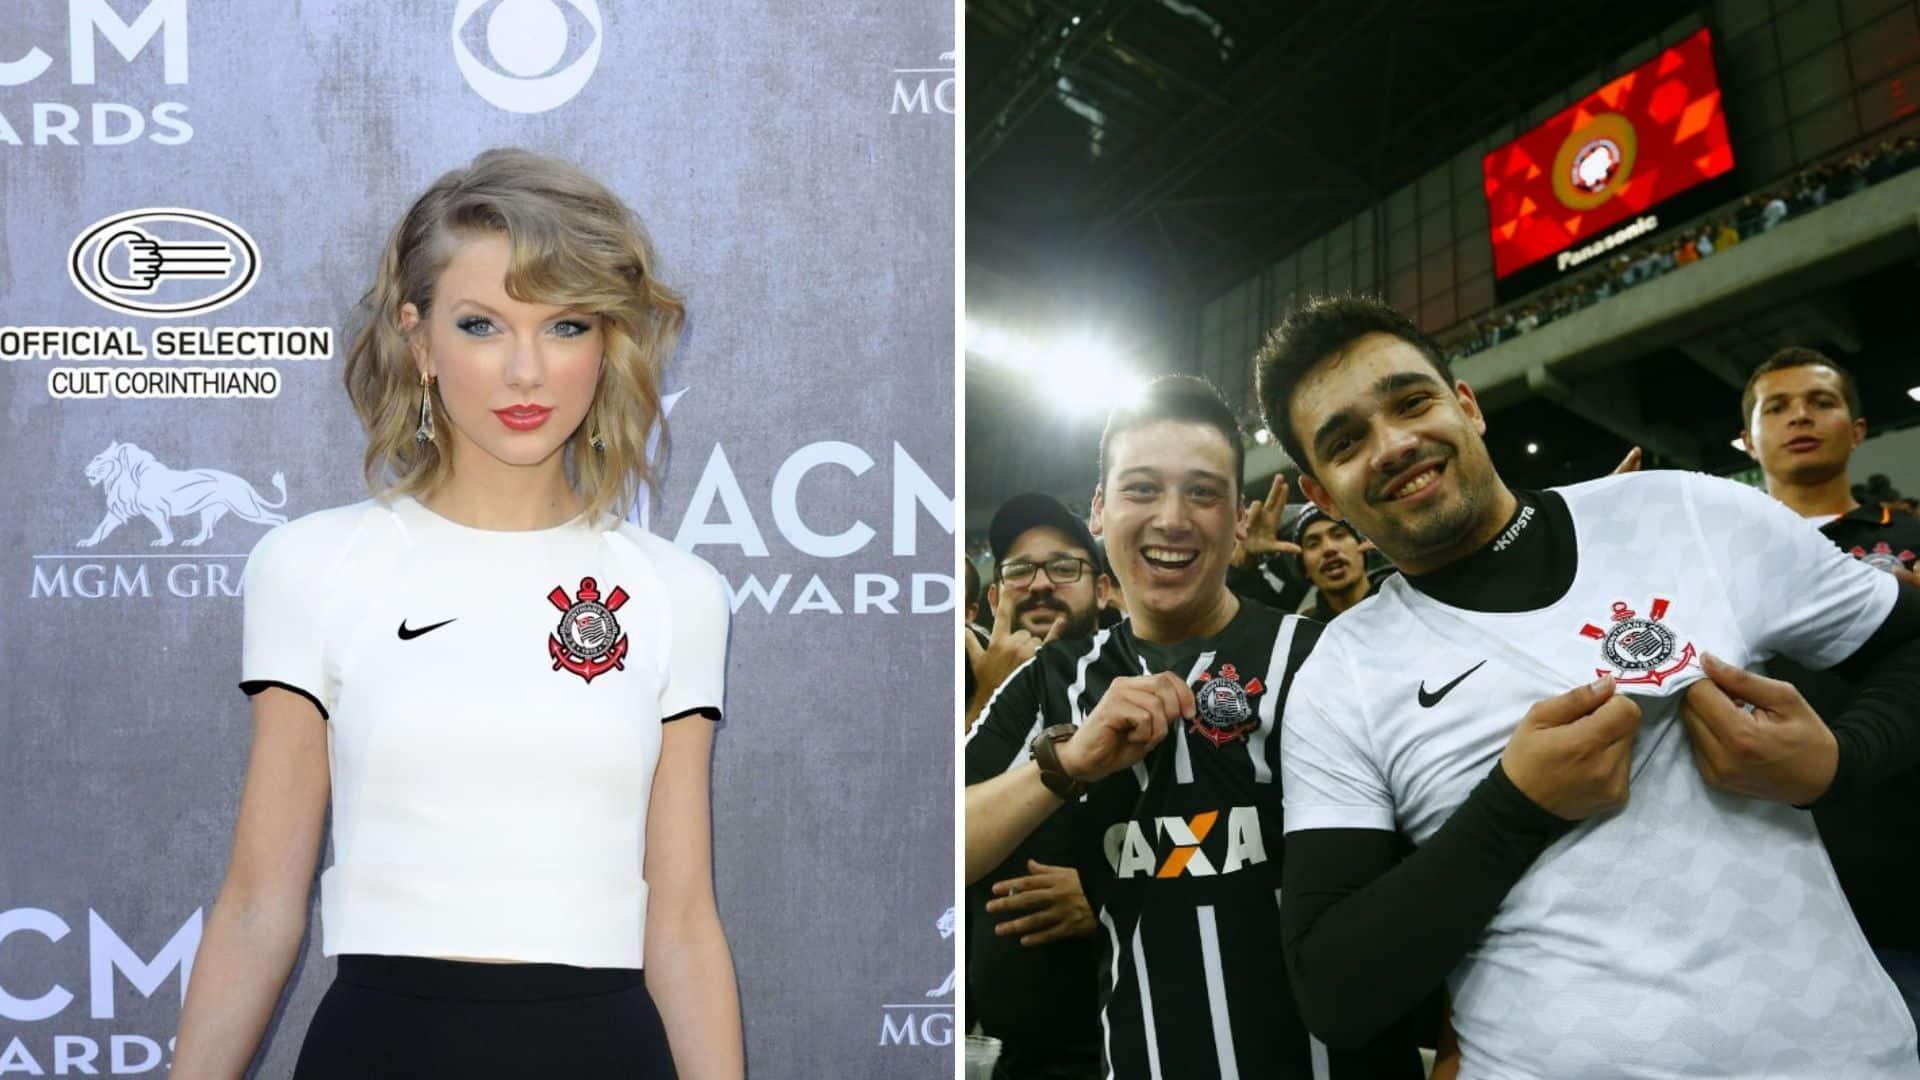 Por que a torcida do Corinthians está tão feliz que a Taylor Swift lançará novo álbum?